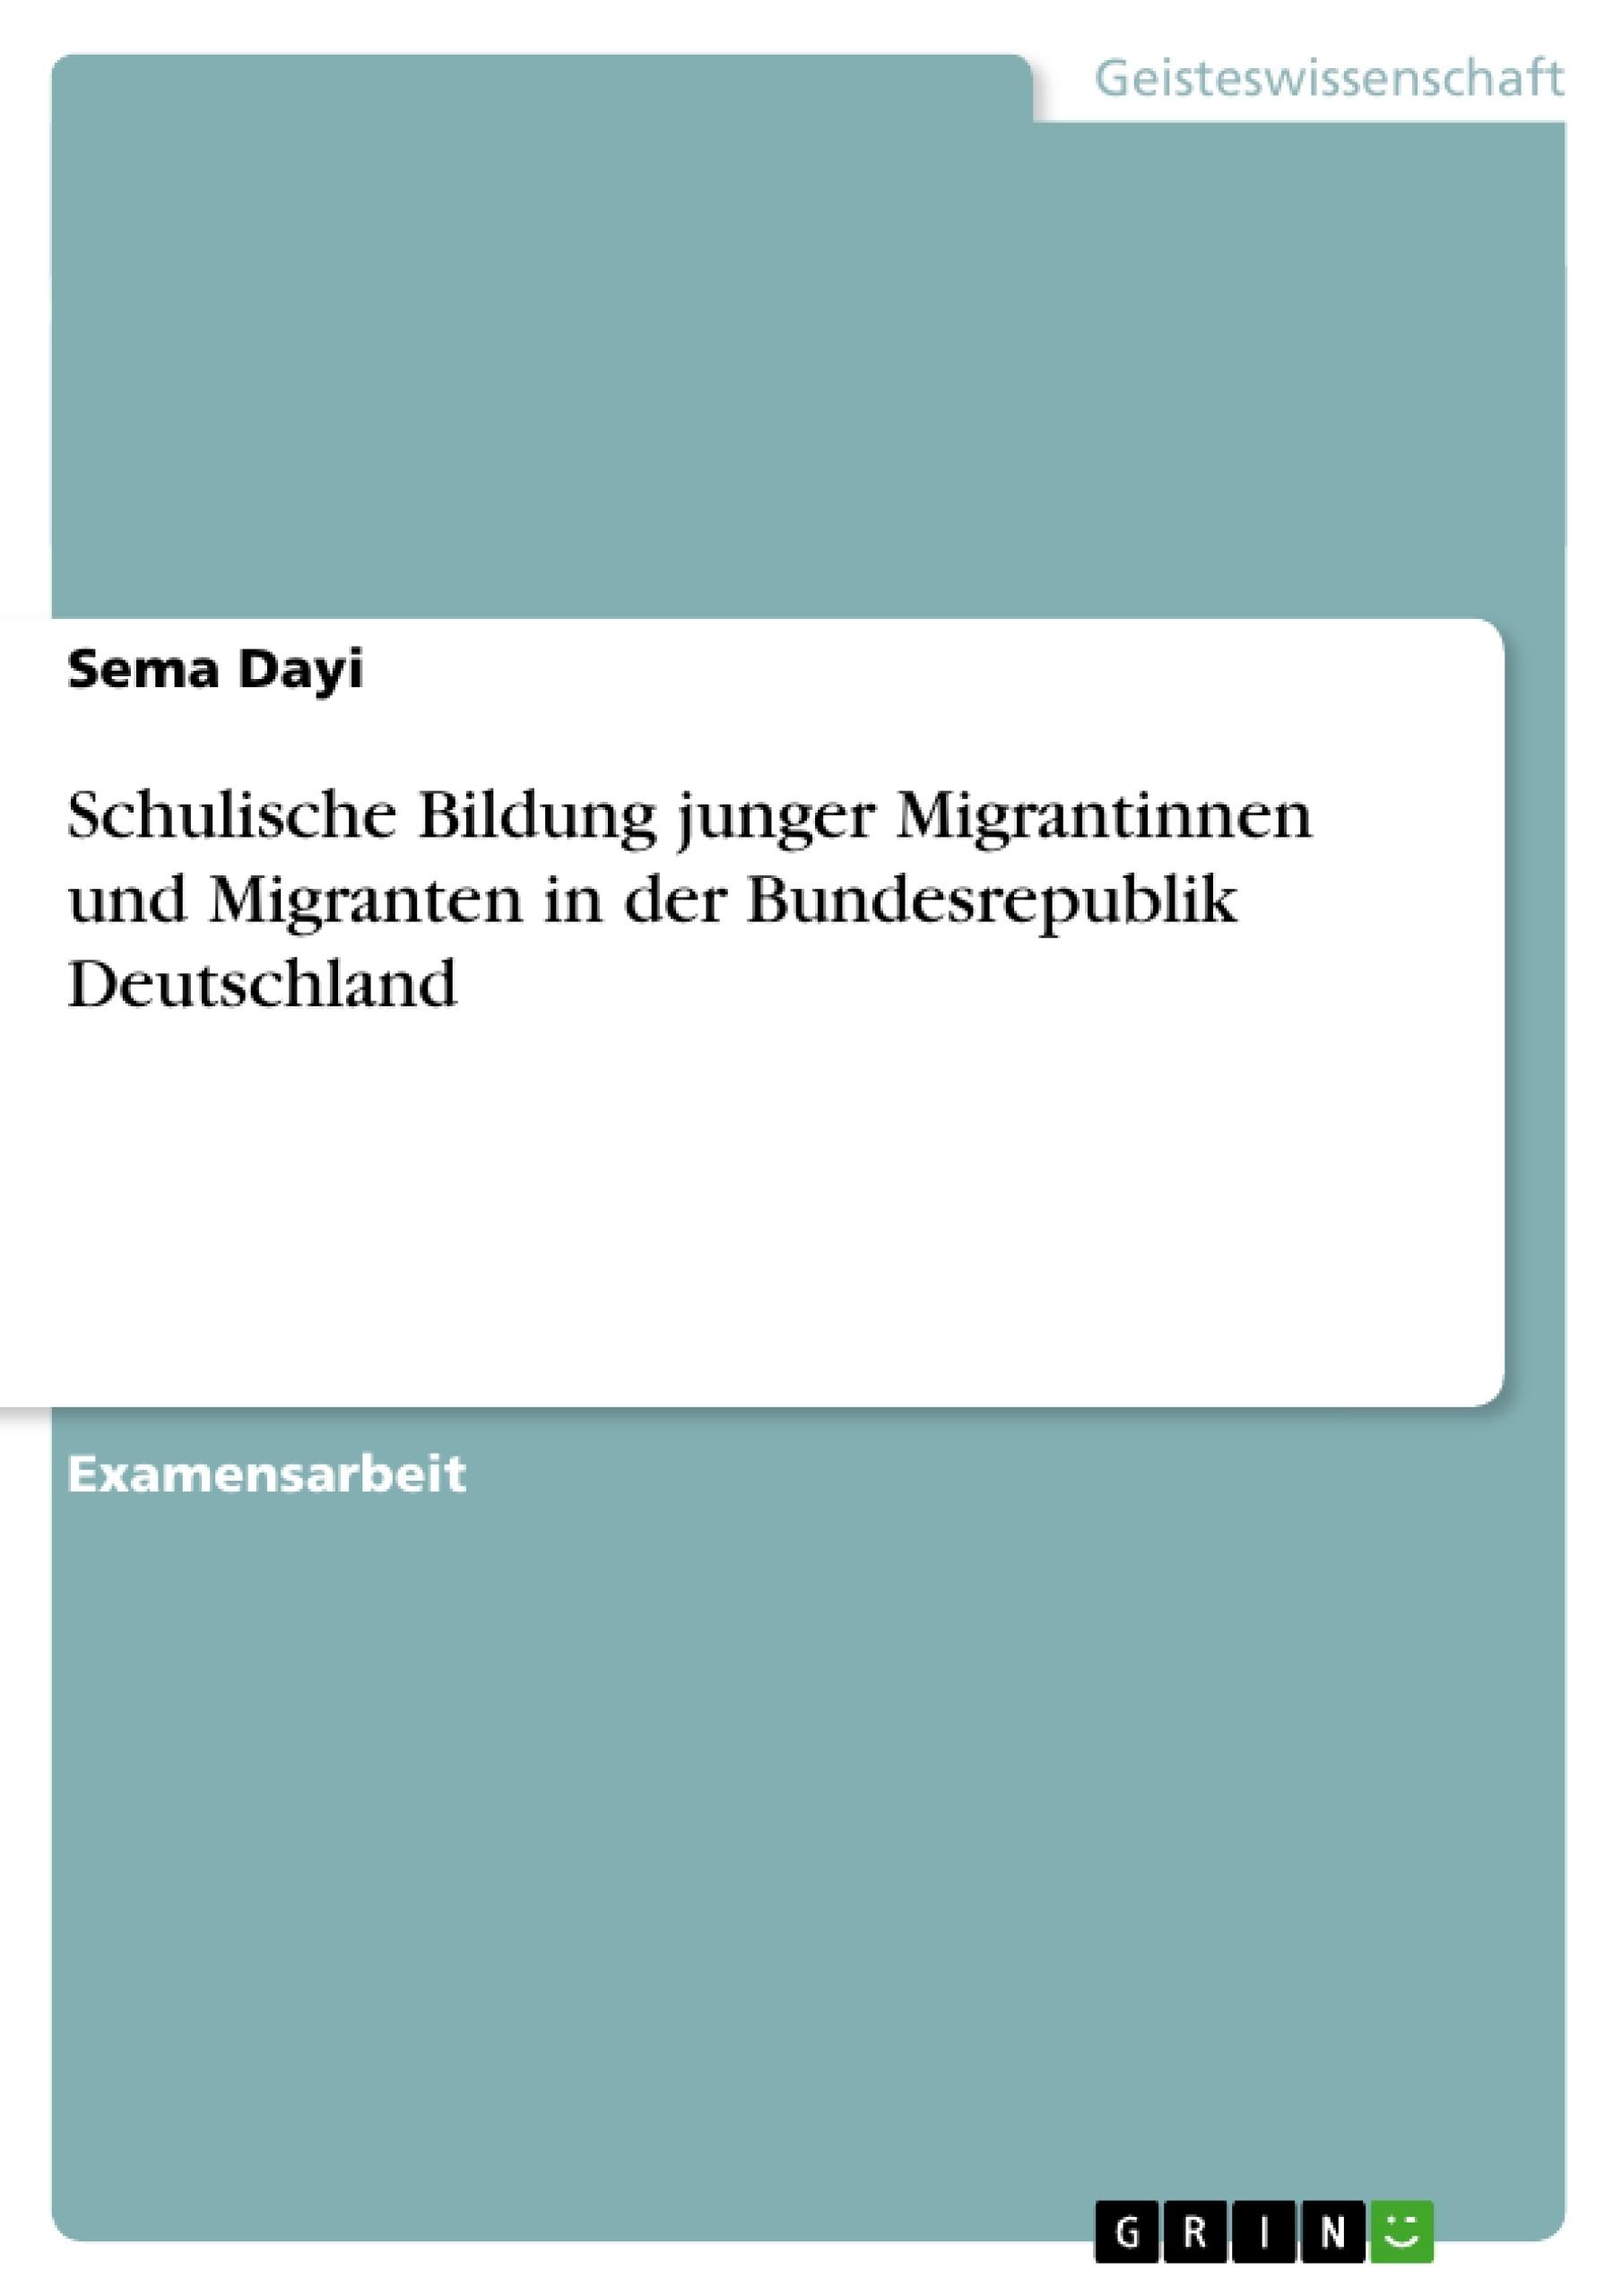 Titel: Schulische Bildung junger Migrantinnen und Migranten in der Bundesrepublik Deutschland